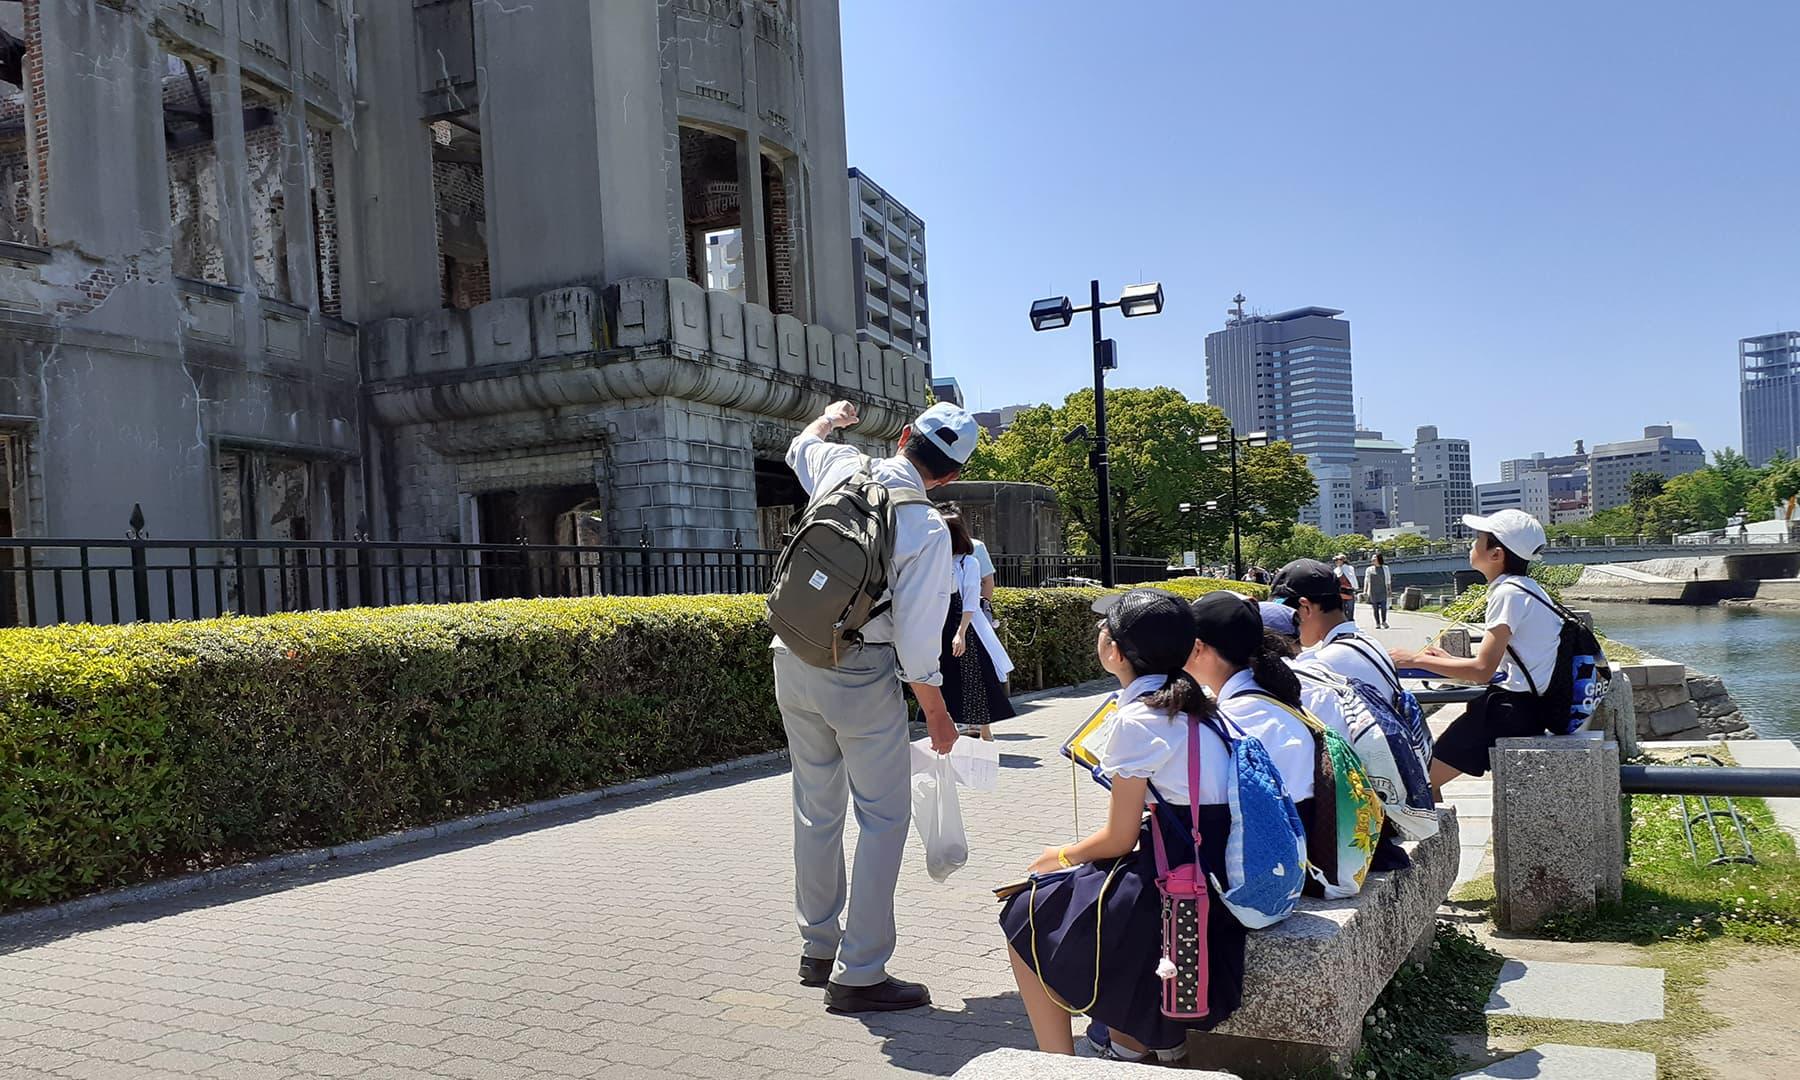 پرائمری اور ہائی کلاس کے بچوں کو میوزیم کا دورہ کرایا جاتا ہے تاکہ وہ جدید دنیا کا شعور حاصل کرنے کے ساتھ اپنی تاریخ اور قومی سانحہ سے واقف ہوسکیں